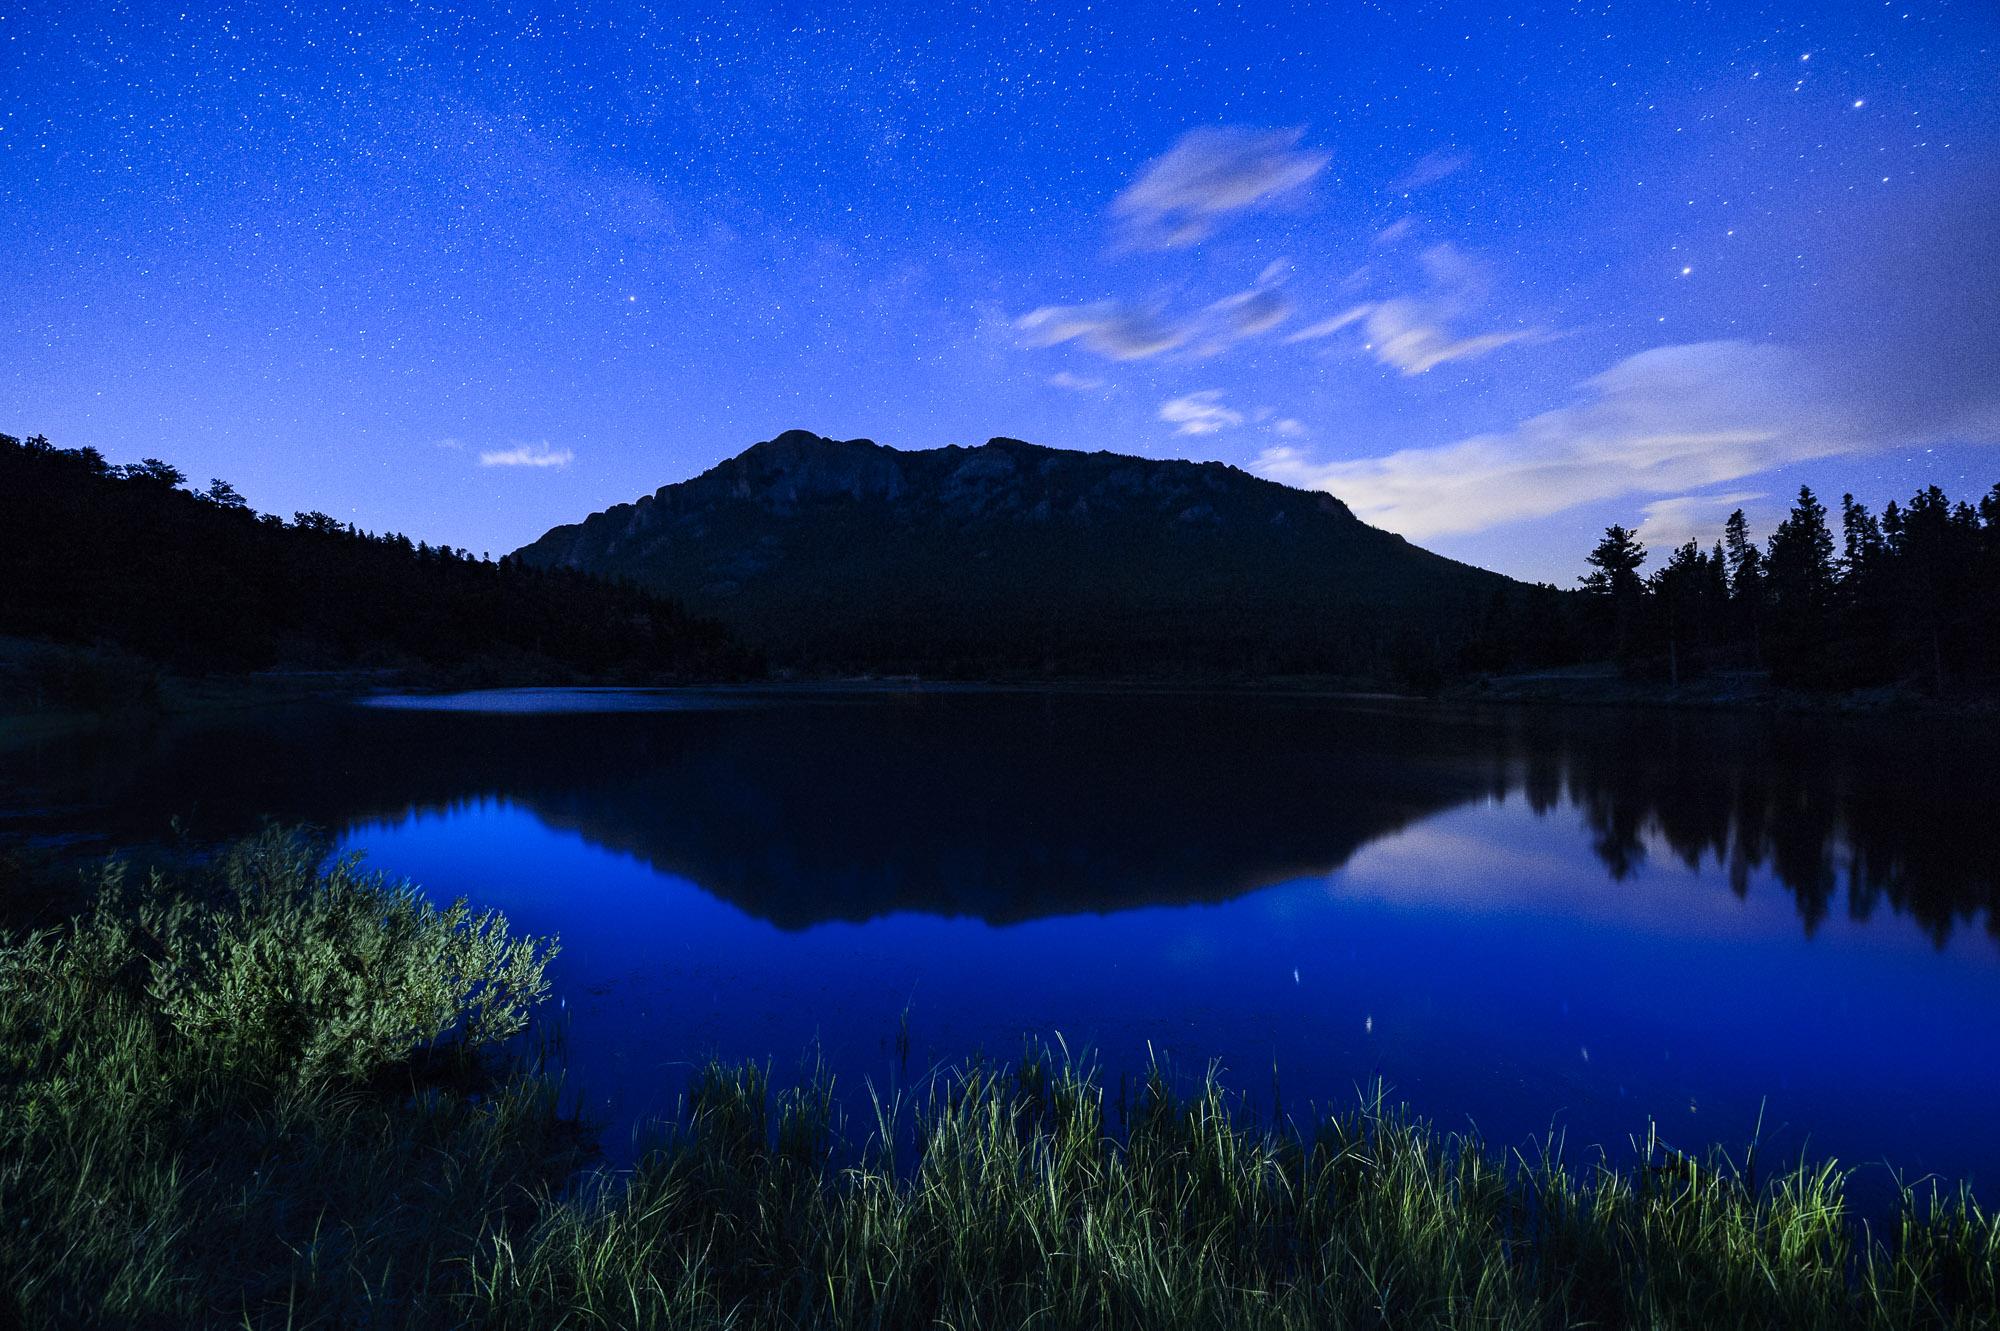 Rocky Mountain_Nicholson__LH21557-E.jpg